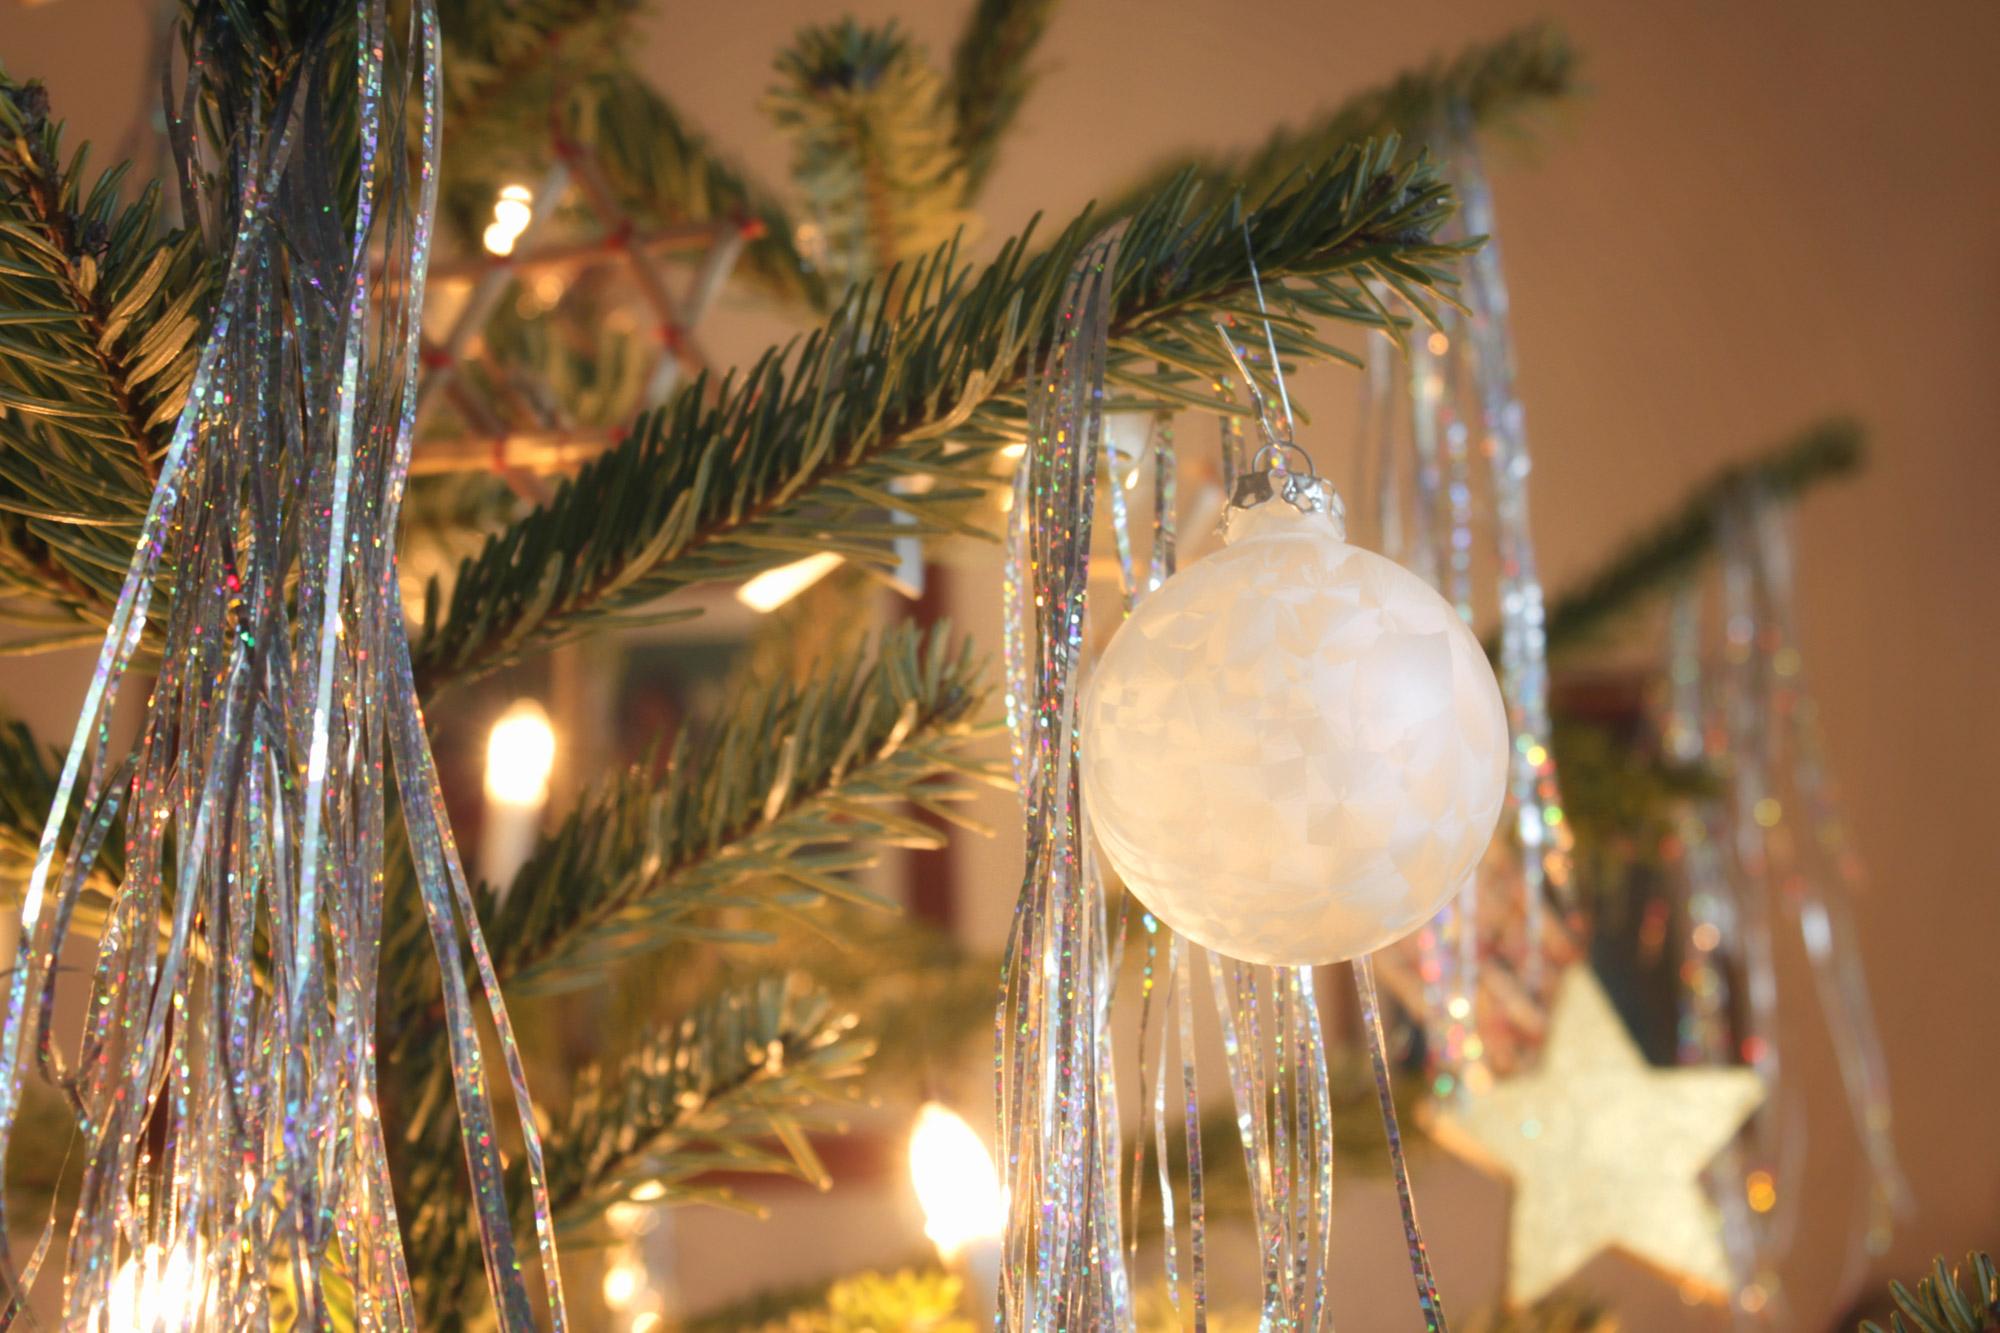 Weihnachtsbaum Weihnachten